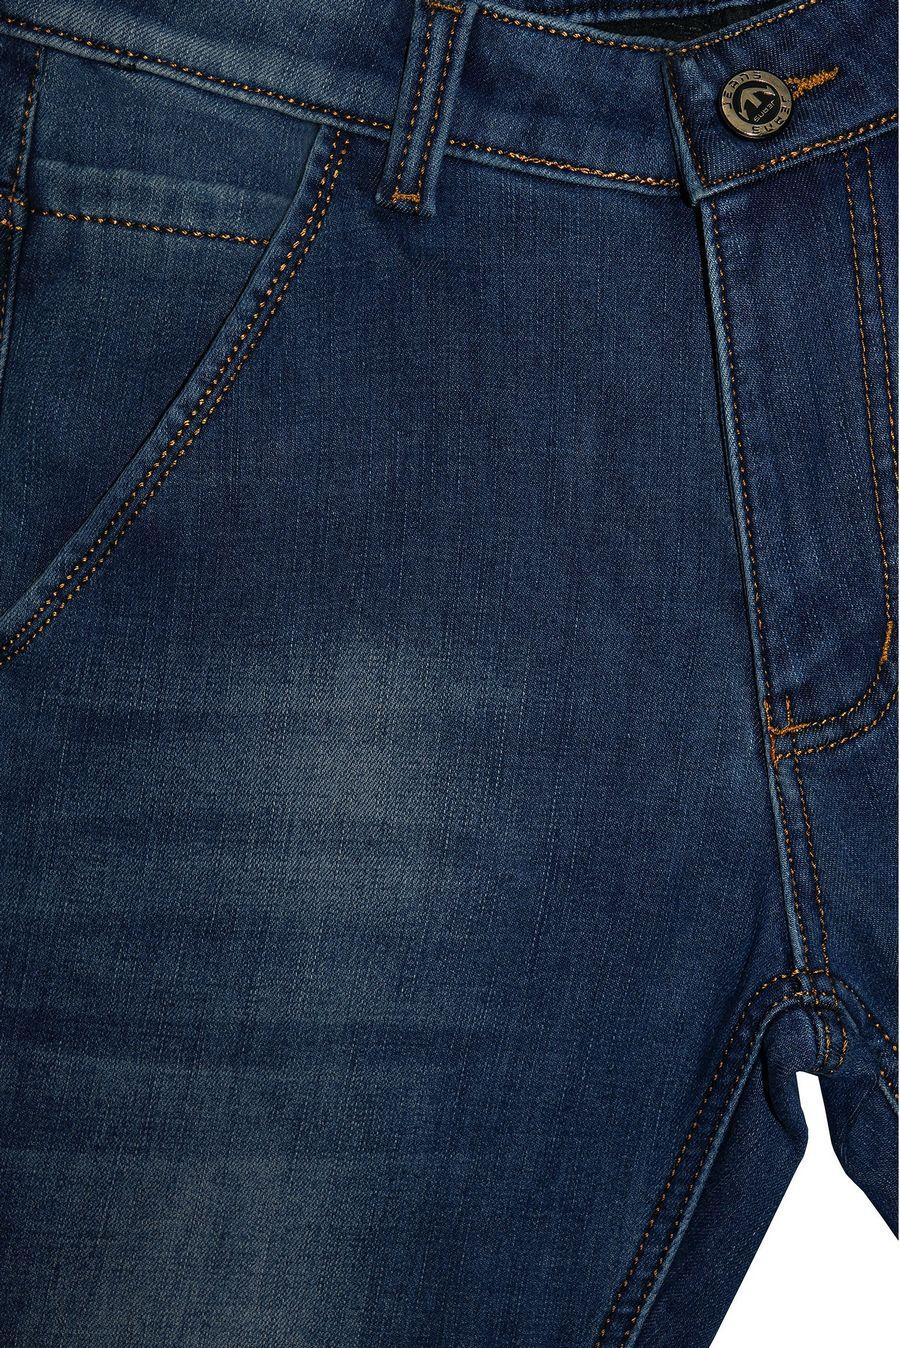 Джинсы мужские DR (Dervirga`s) 95072F утепленные - фото 3